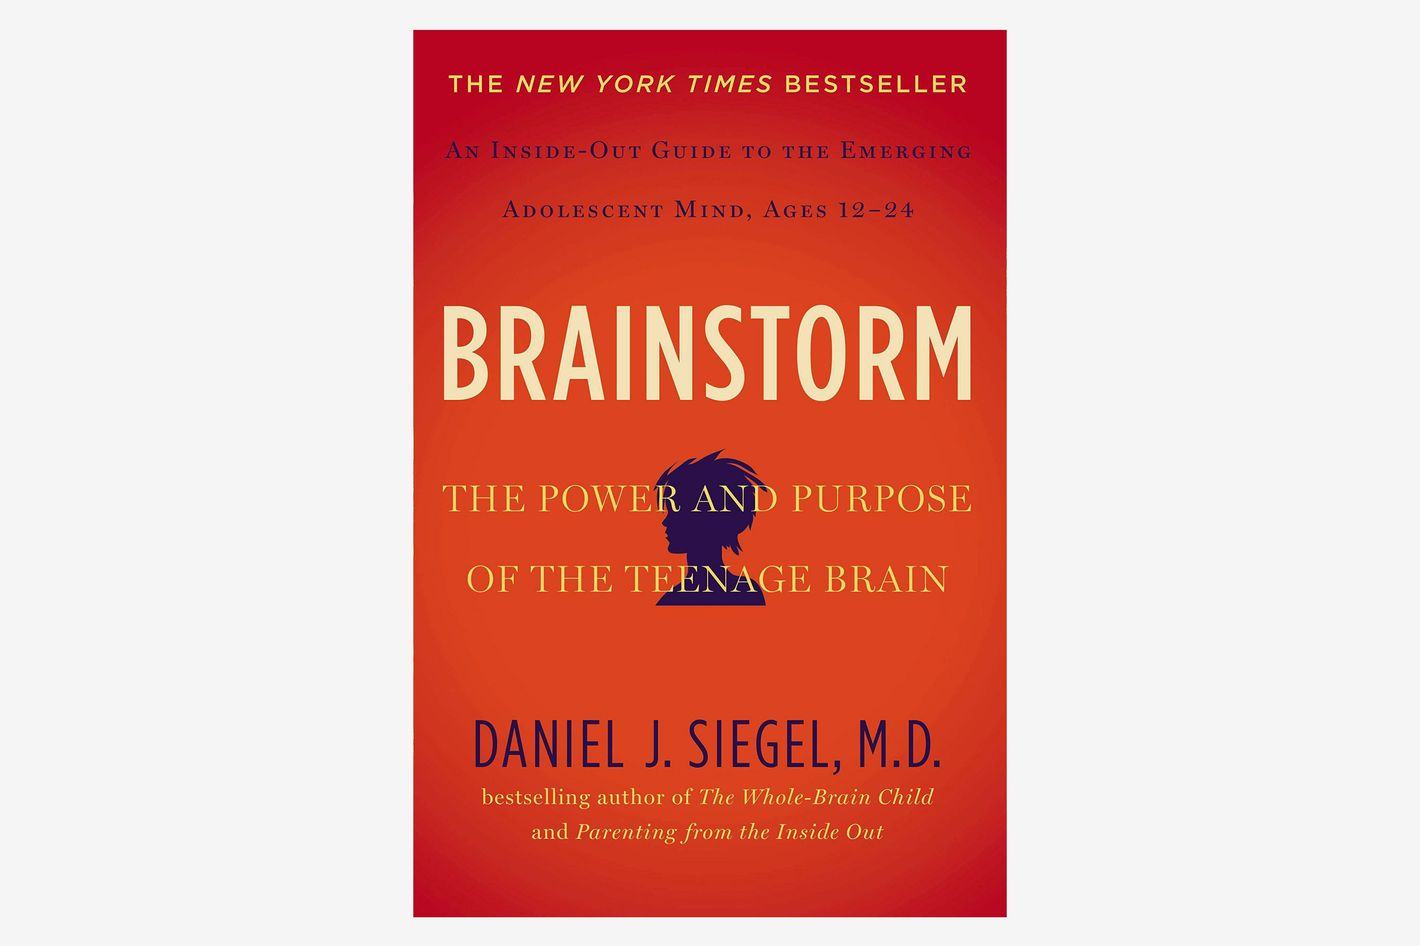 <em>Brainstorm: The Power and Purpose of the Teenage Brain</em>